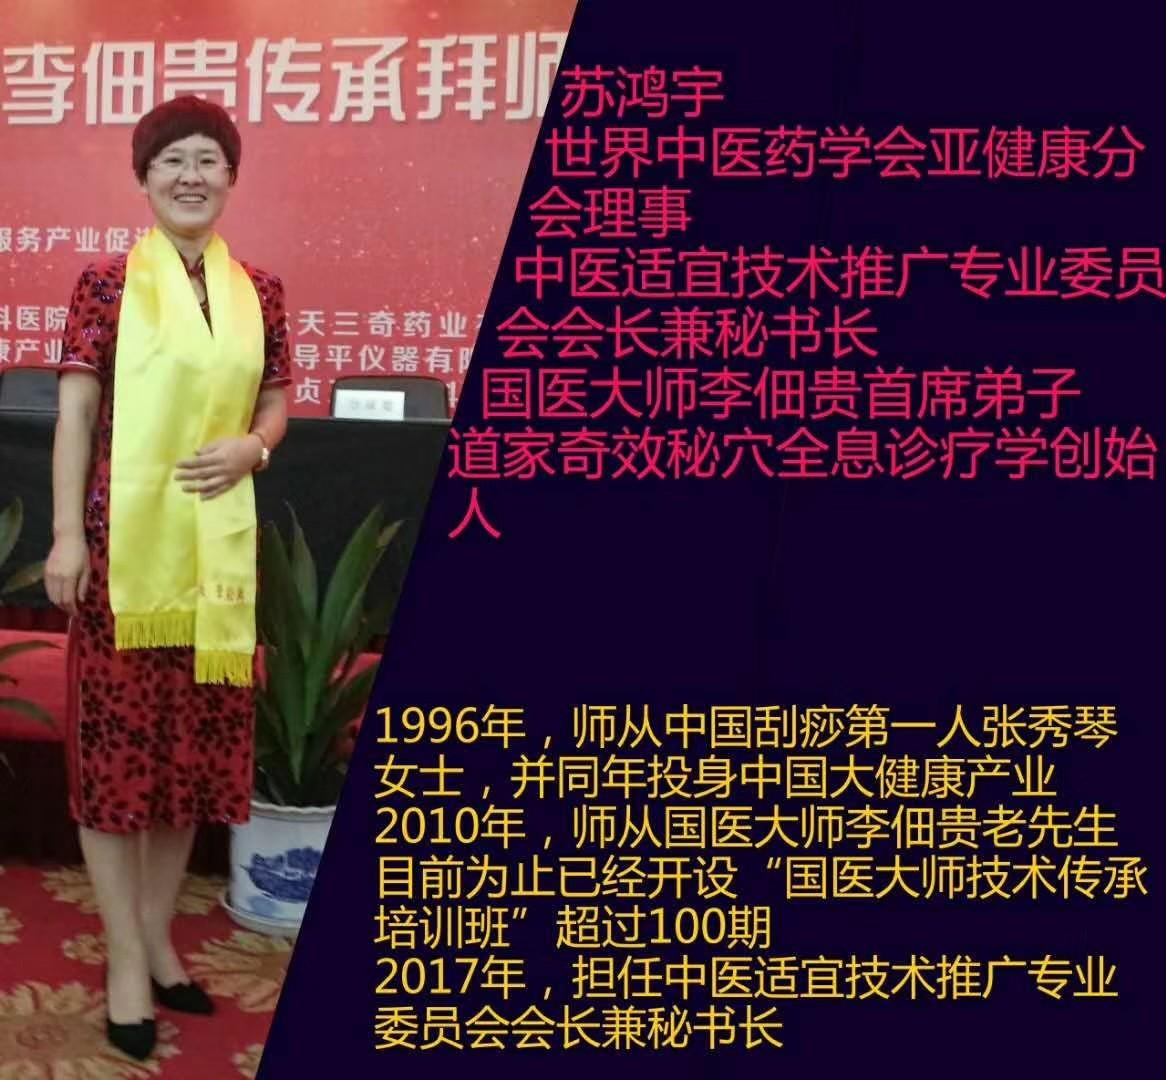 全息诊疗技术传承人—苏鸿宇